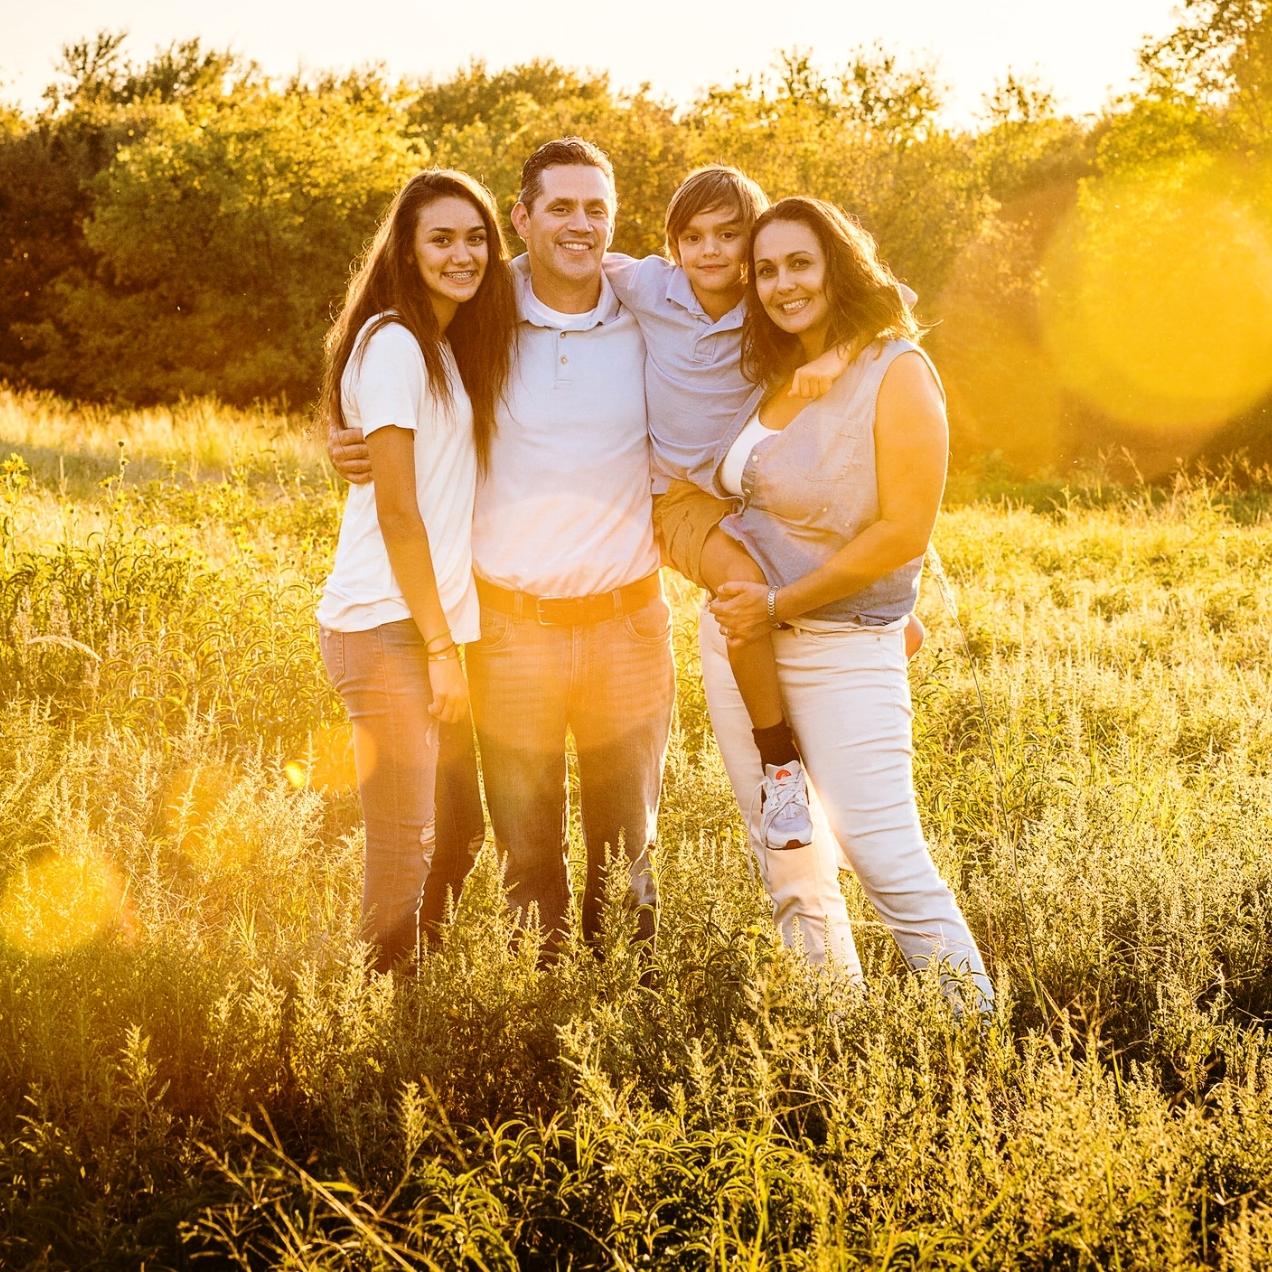 Family Portrait in Field.JPG